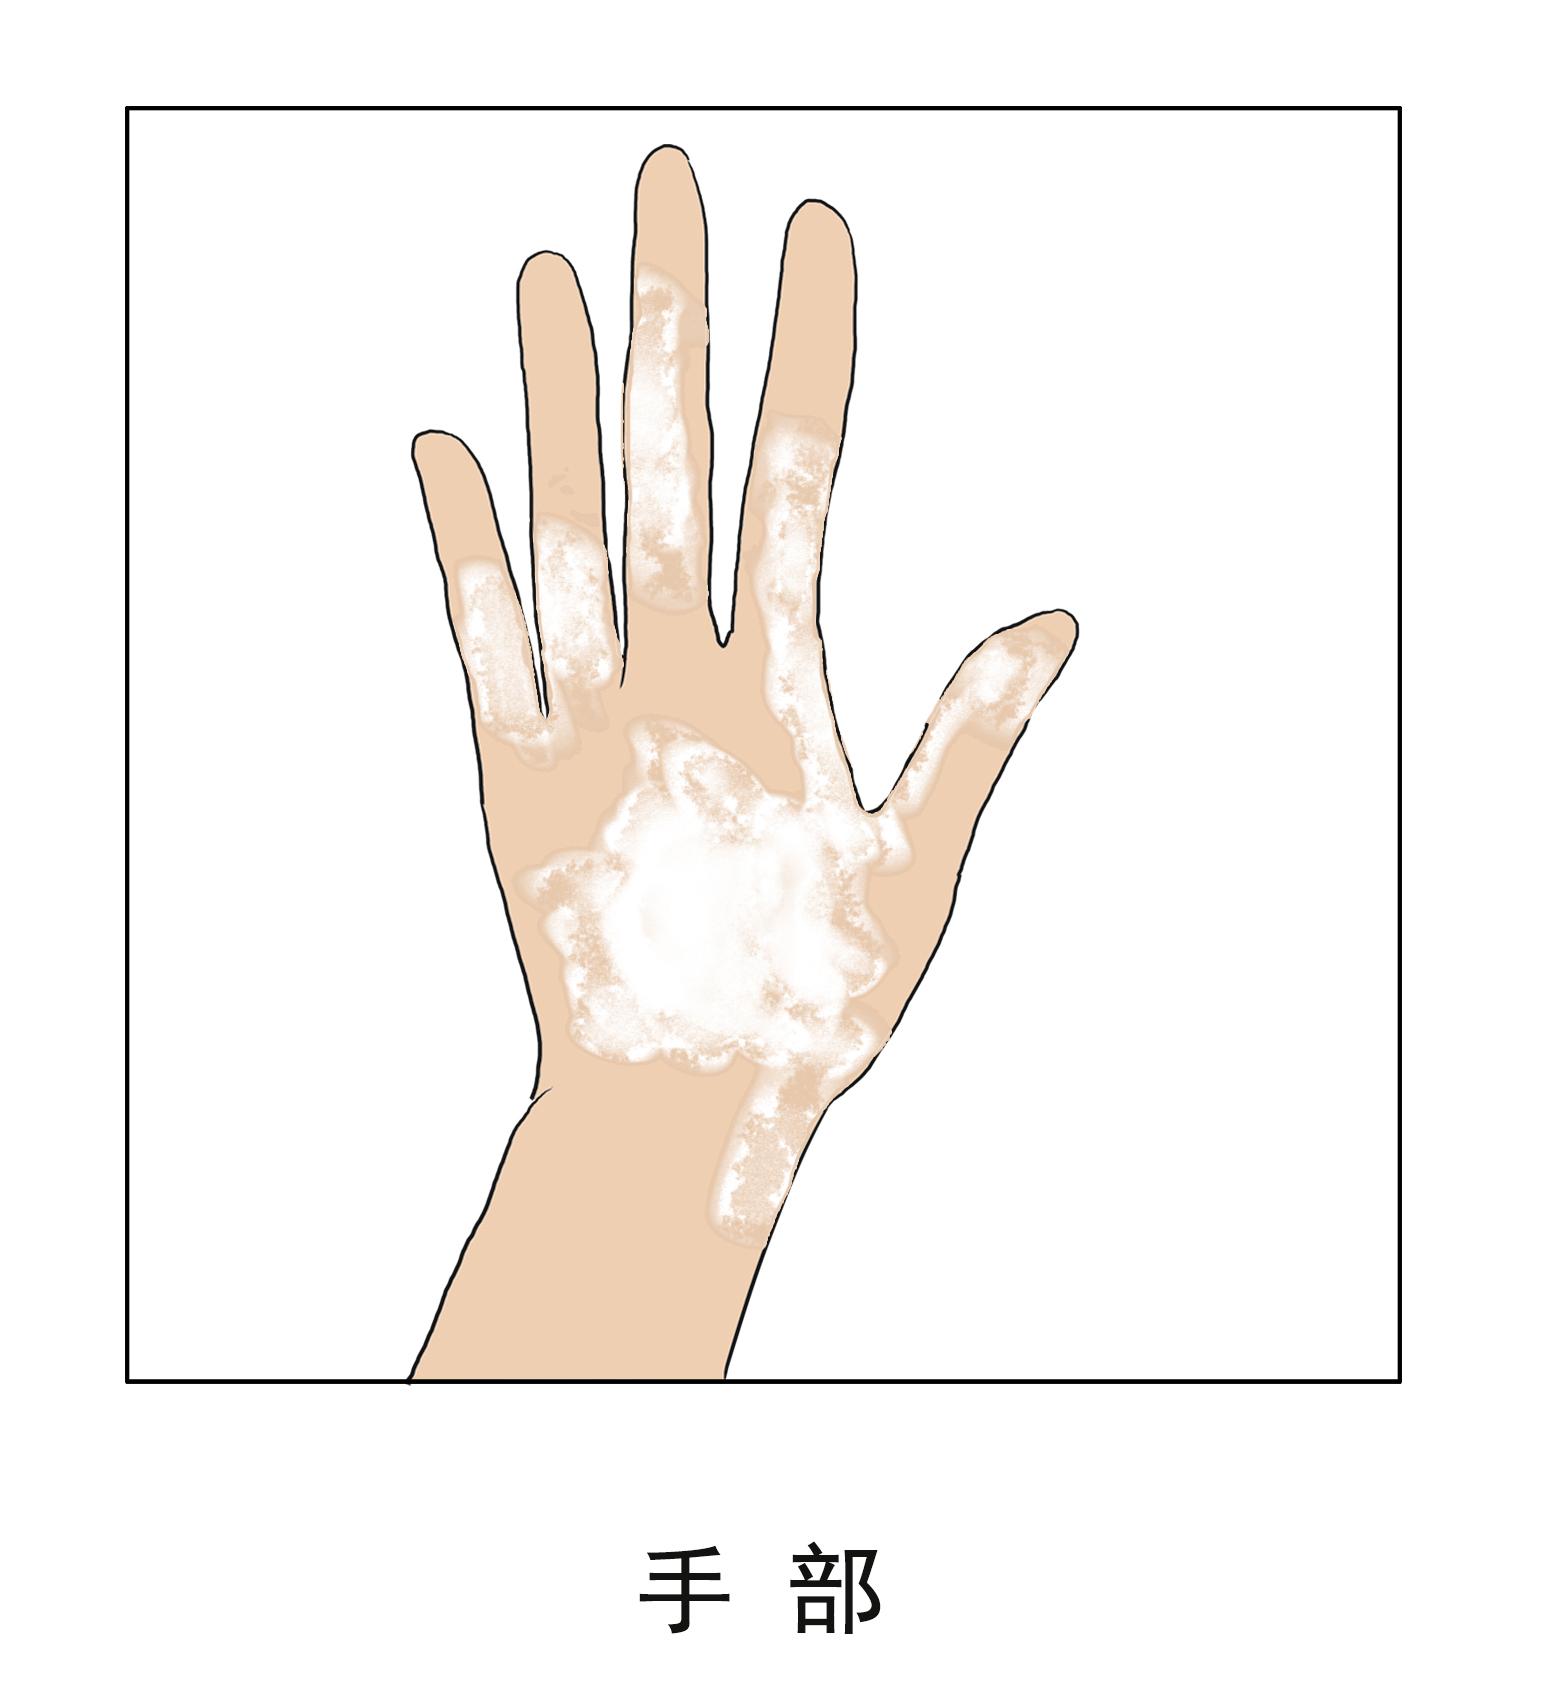 手部.jpg